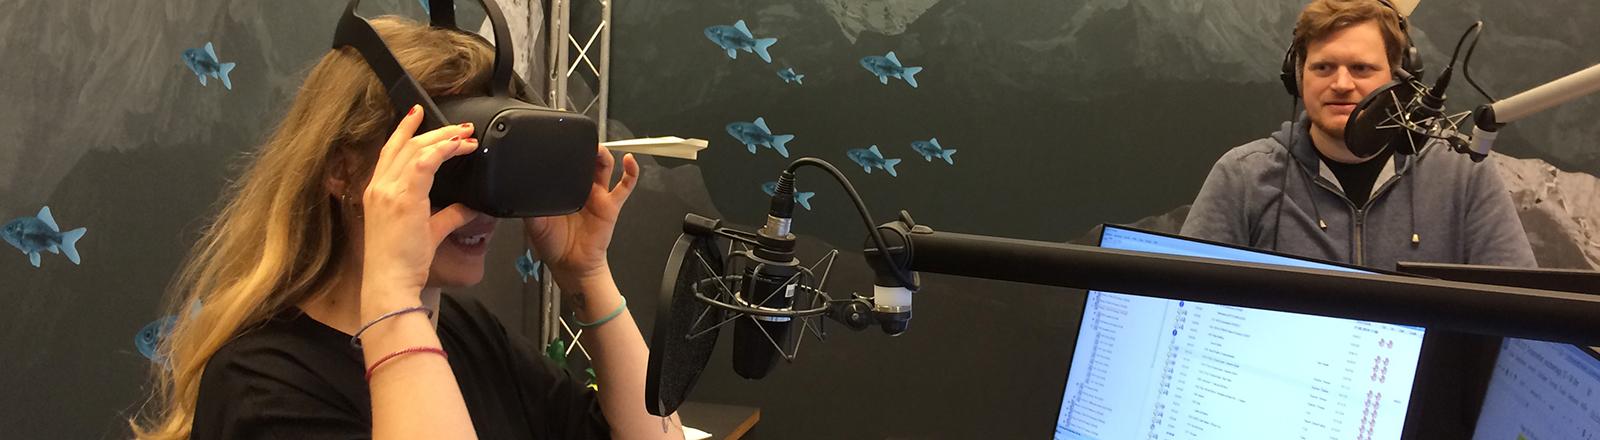 Moderatorin Jenni Gärtner testet die Oculus Quest im Studio.